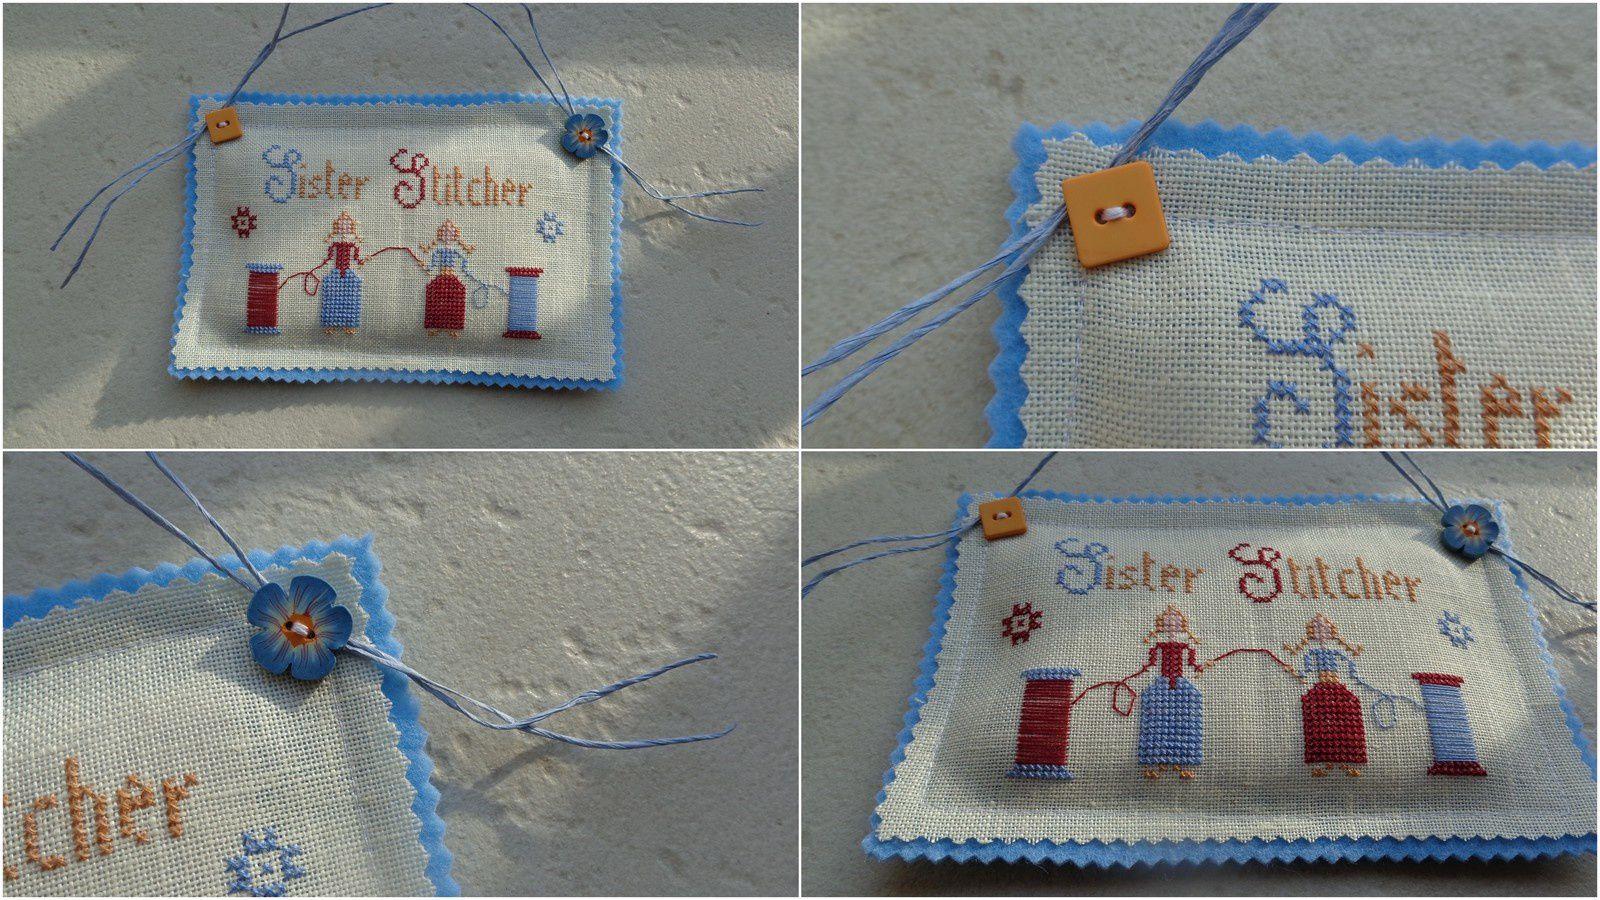 Sister Stitcher